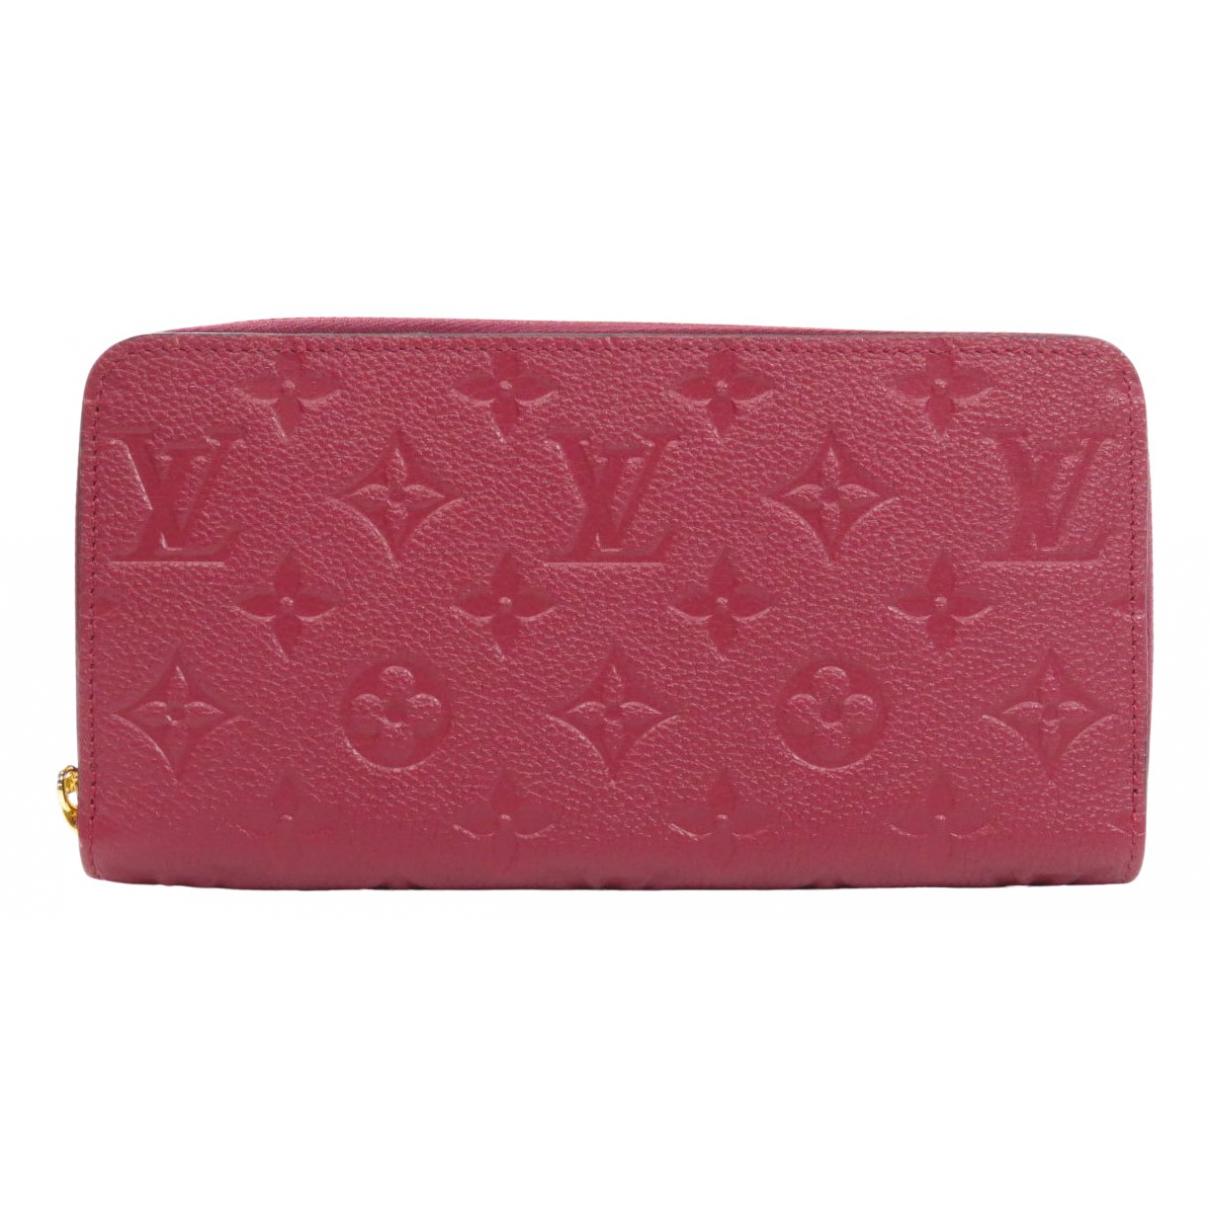 Louis Vuitton \N Portemonnaie in  Lila Leinen